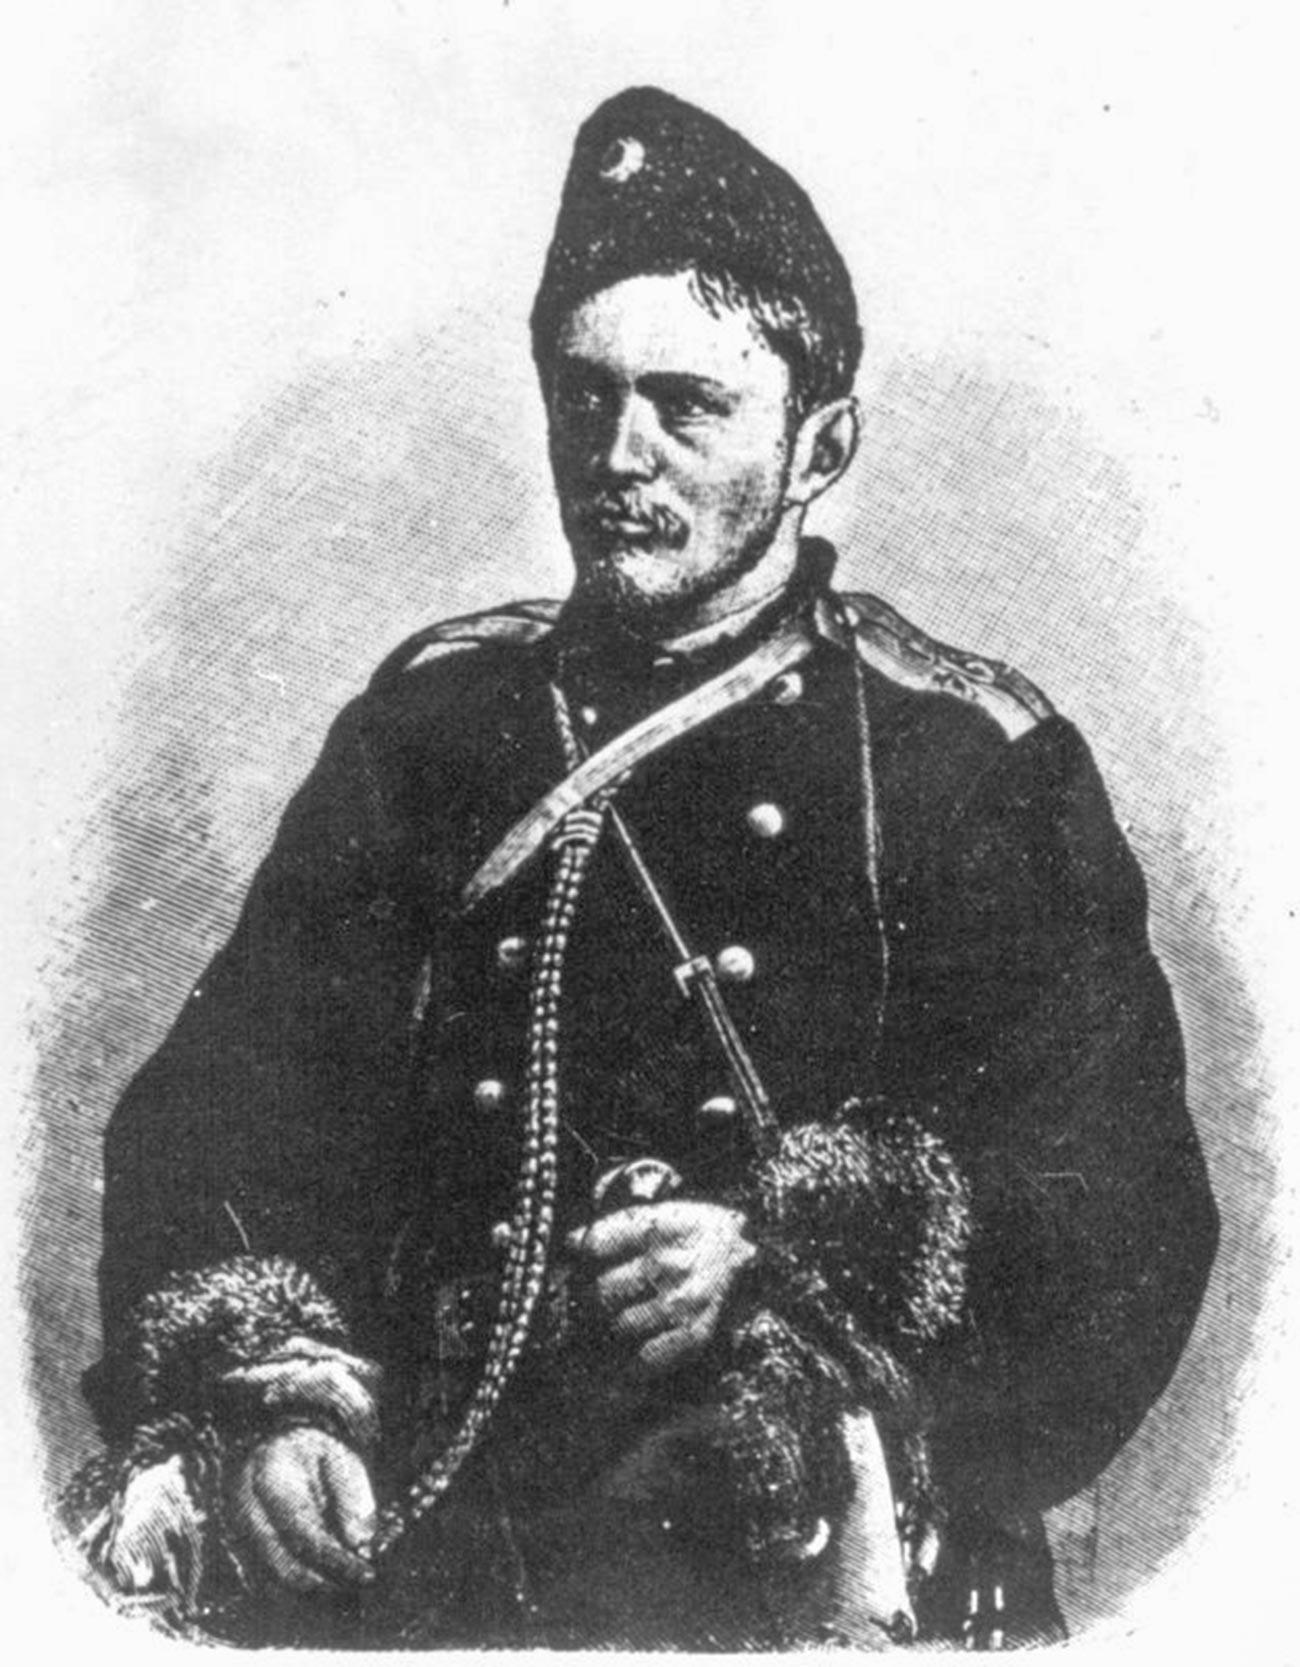 Dmitri Peschkow